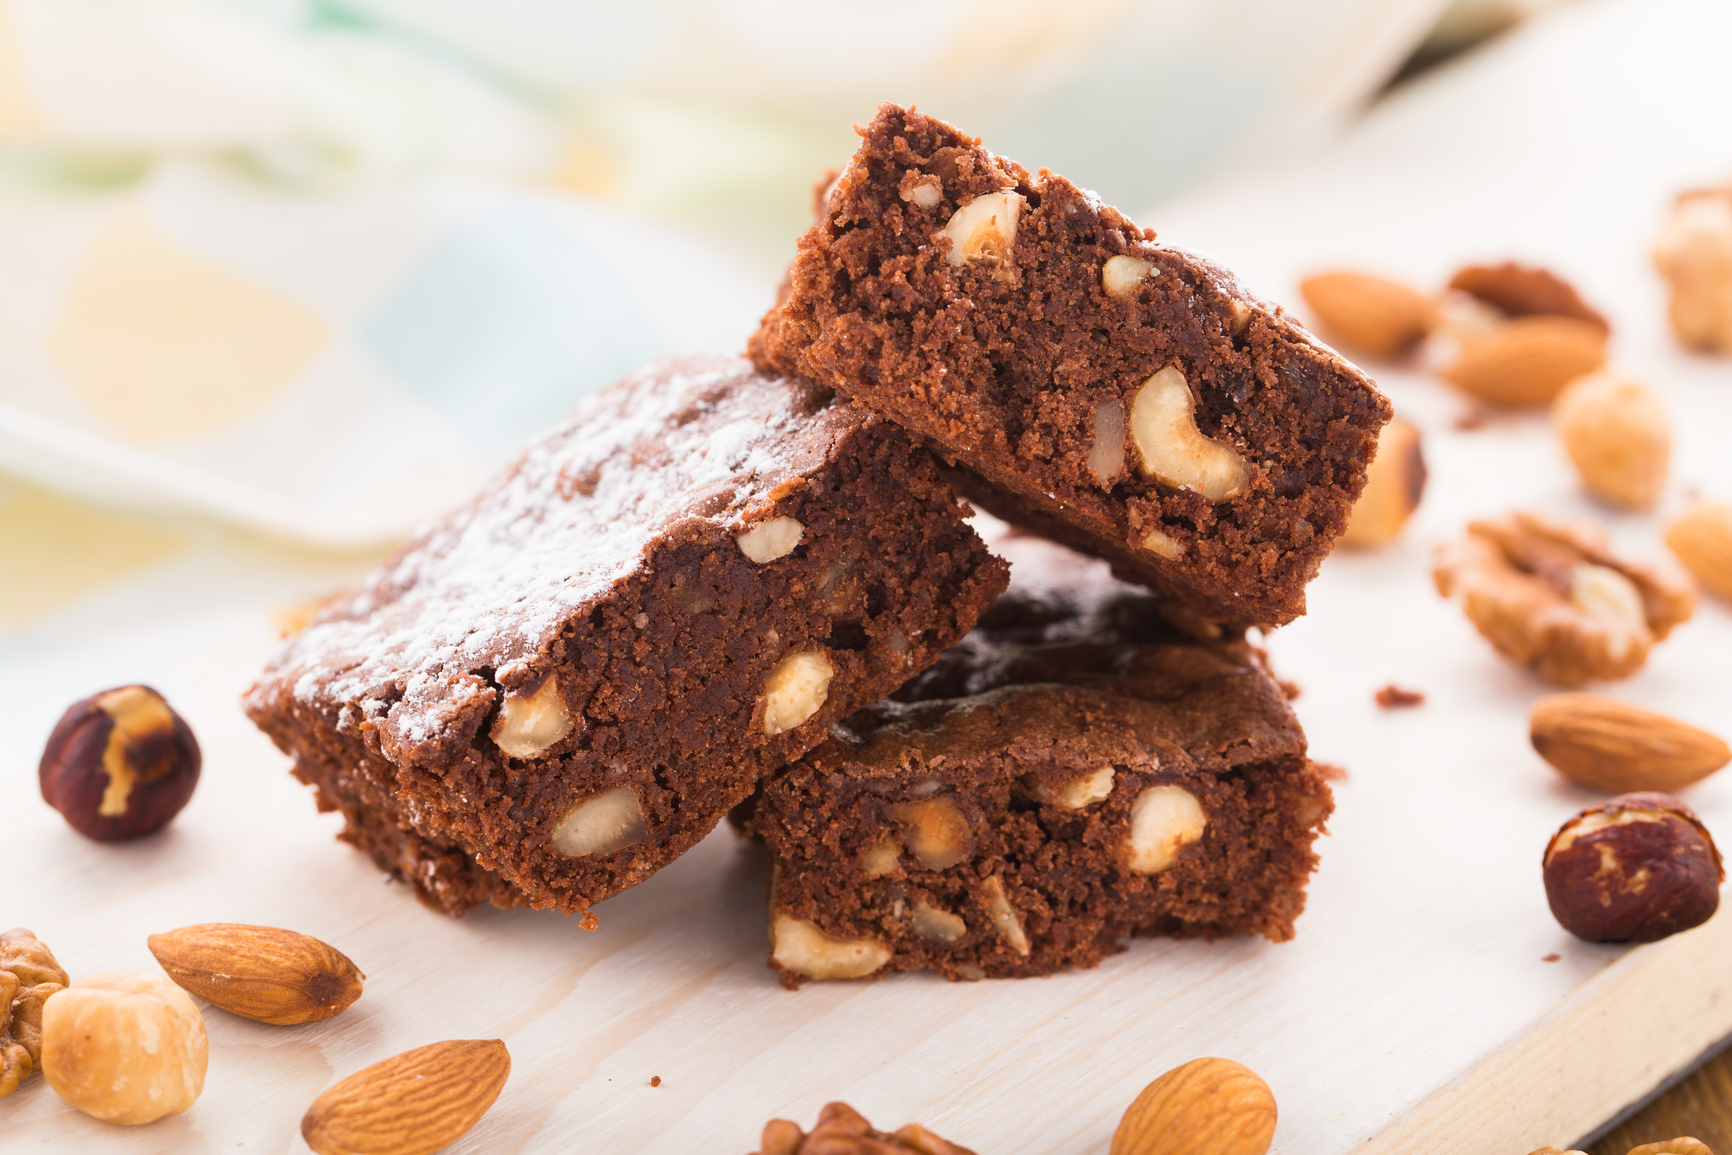 Шоколадный брауни лучший рецепт